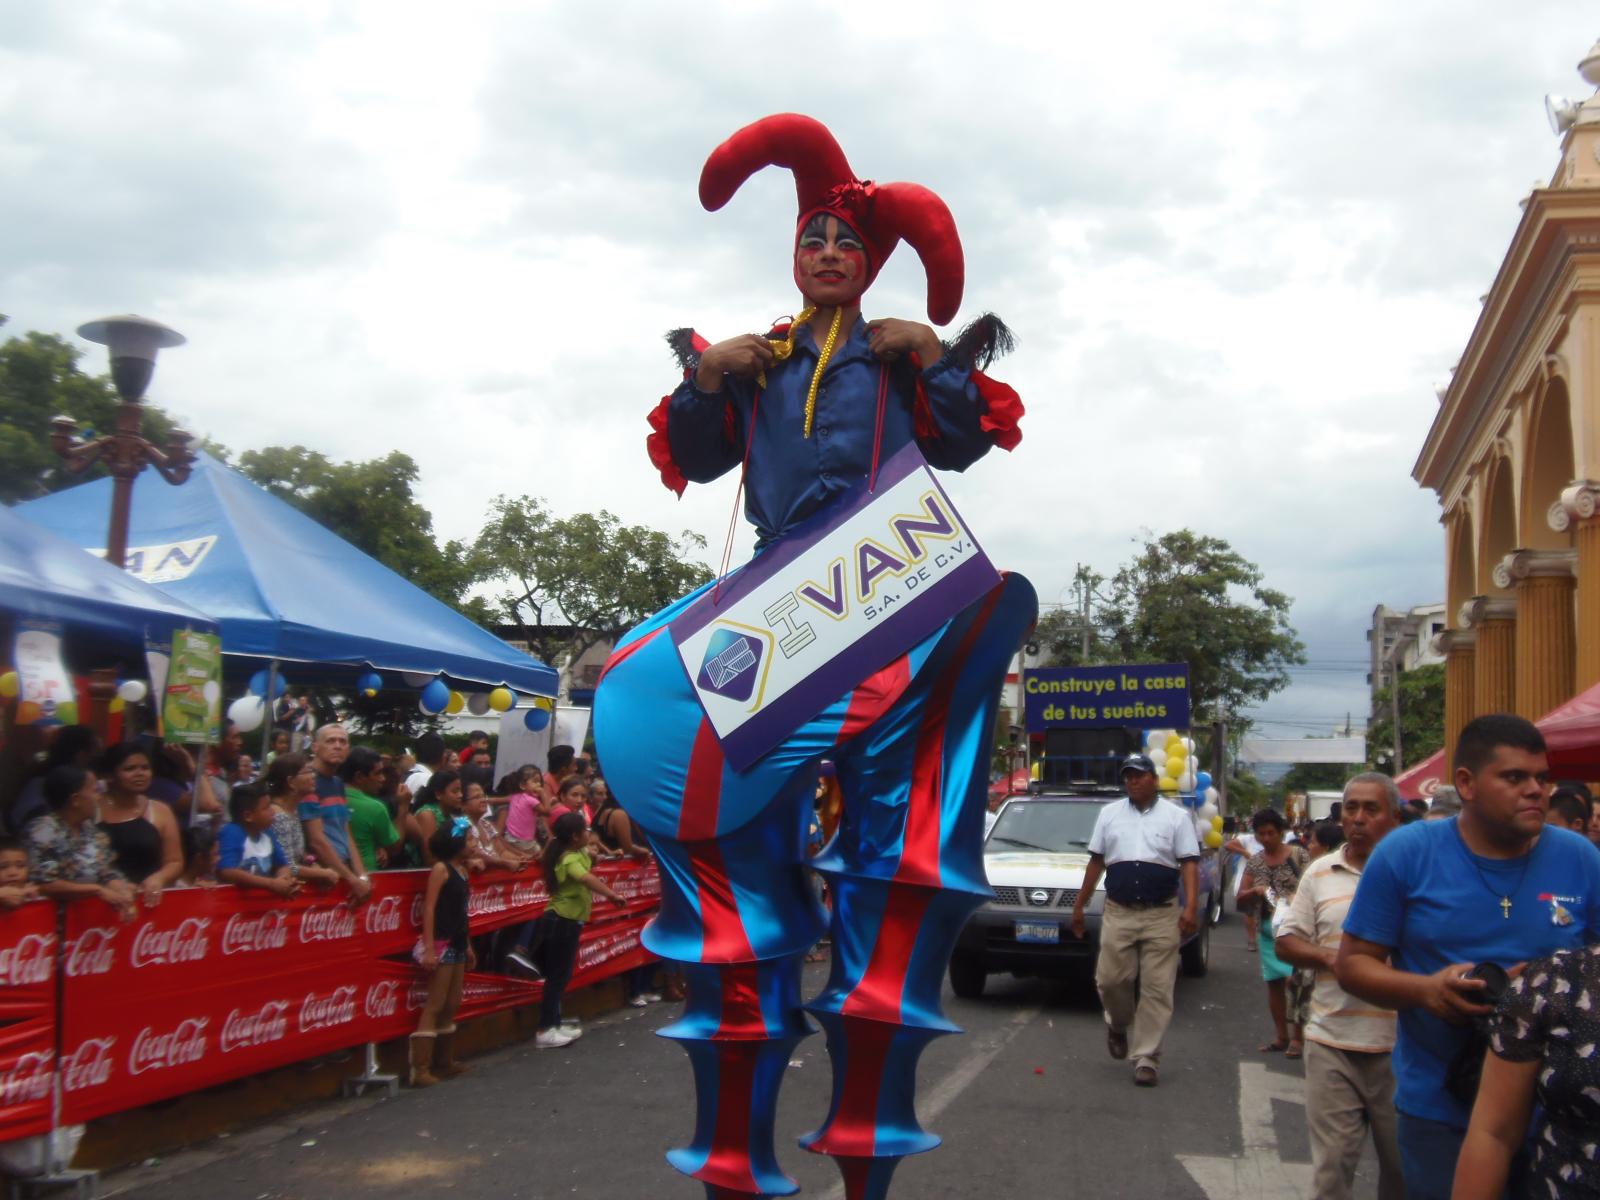 Desfile del comercio 2018 atrajo decenas de espectadores